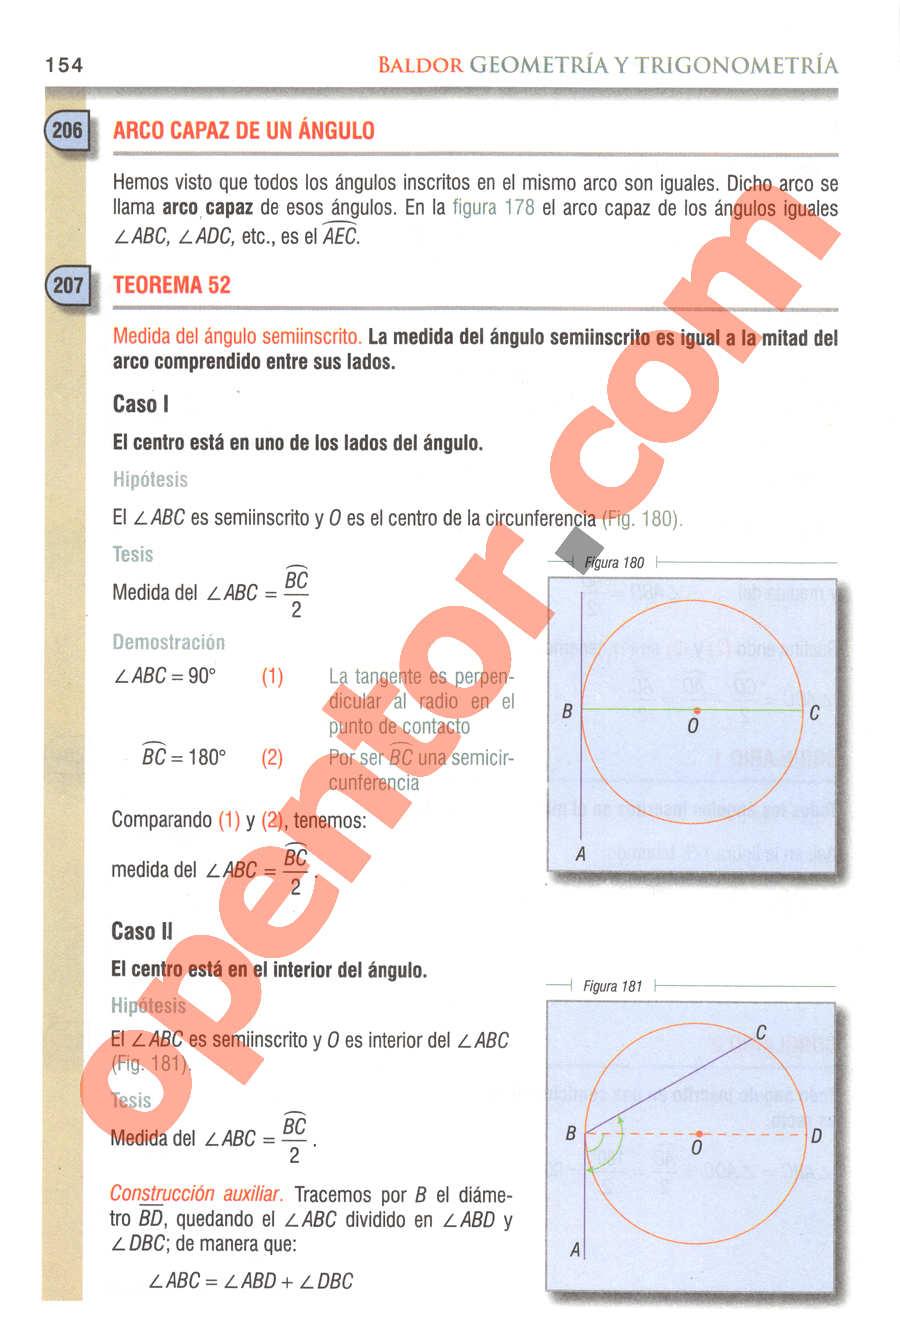 Geometría y Trigonometría de Baldor - Página 154